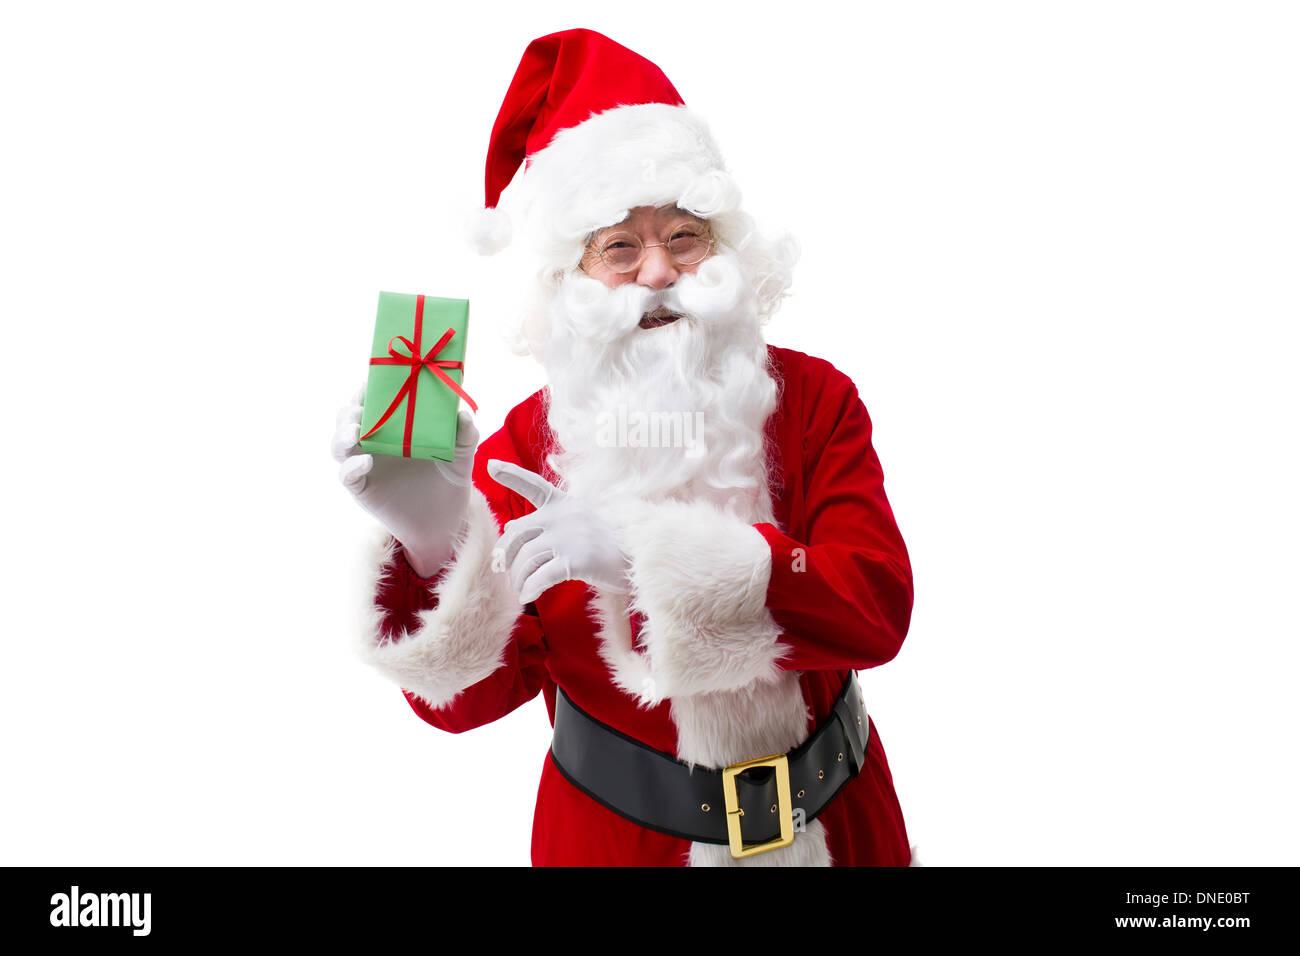 Santa Claus mit Weihnachtsgeschenk Stockfoto